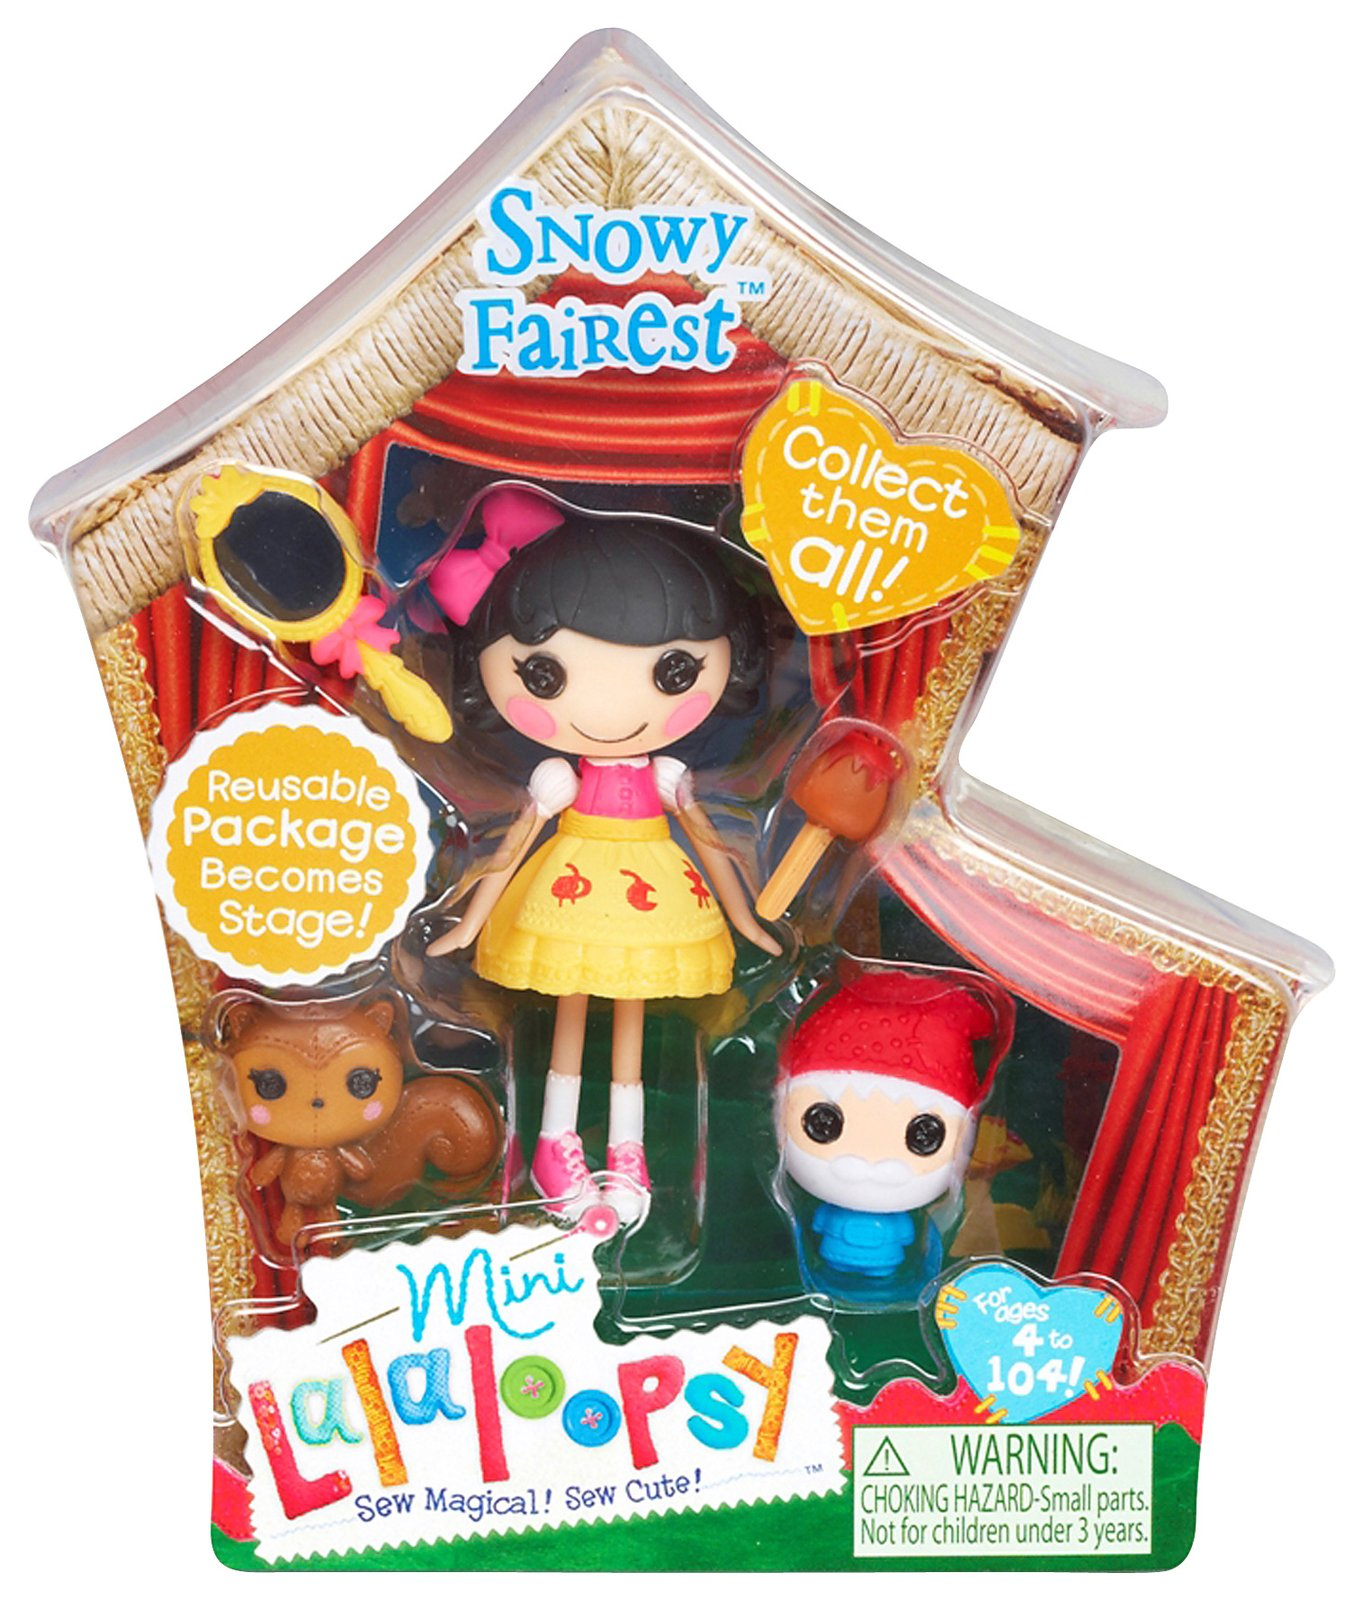 Lalaloopsy Toy Food : Snowy fairest merchandise lalaloopsy land wiki fandom